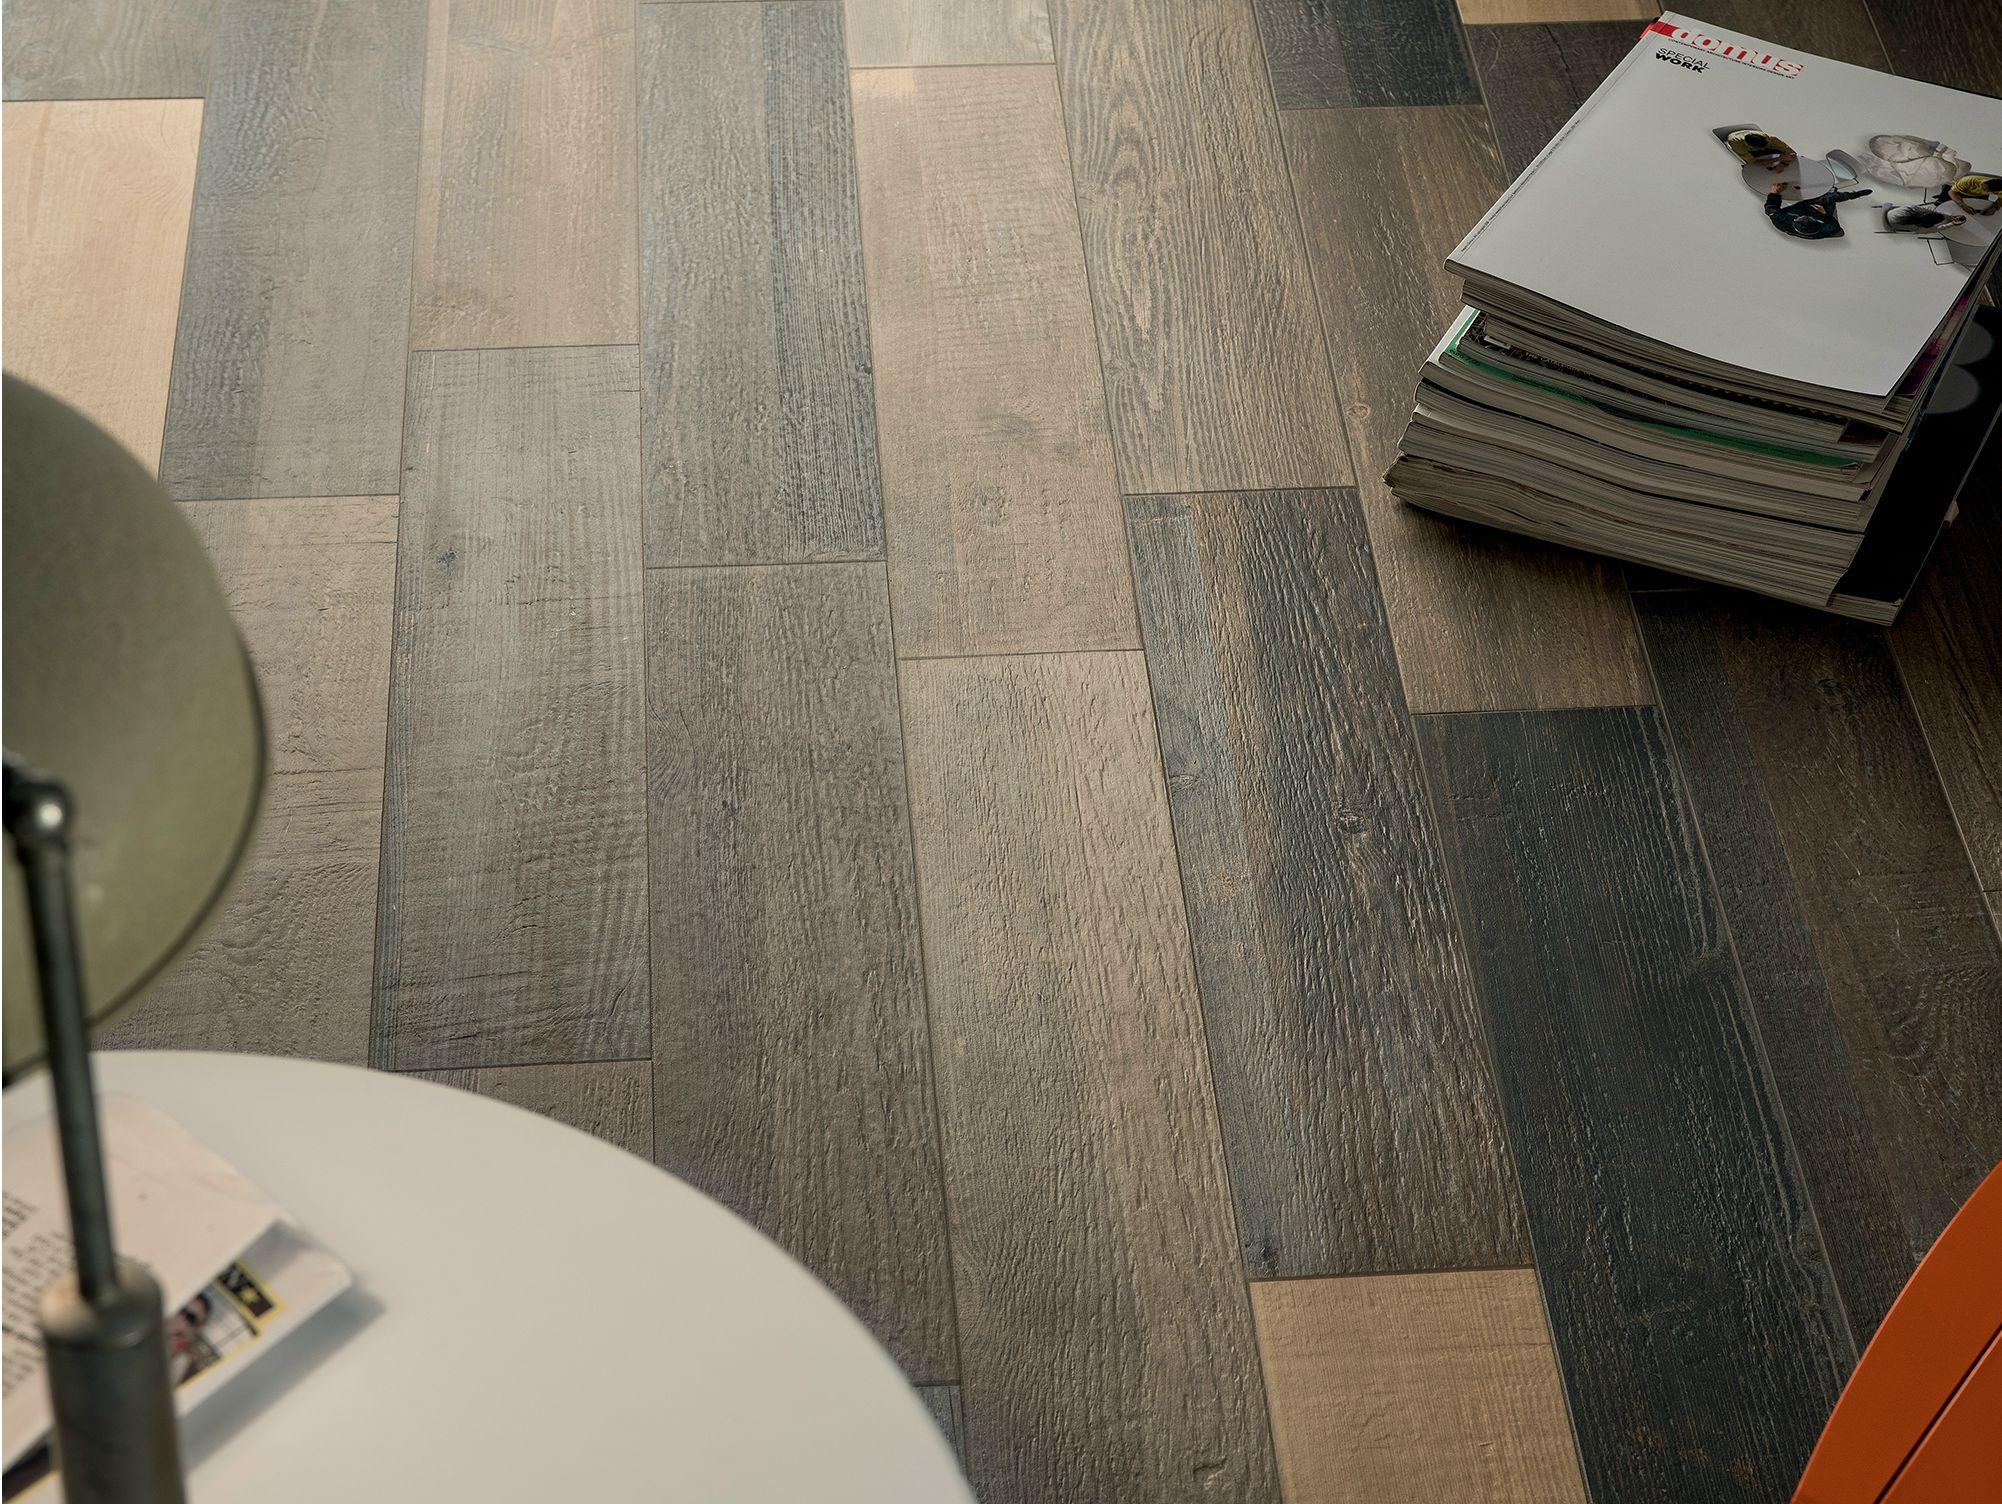 Cottage wood pavimento imitaci n madera by ceramica fioranese - Pavimento imitacion madera ...